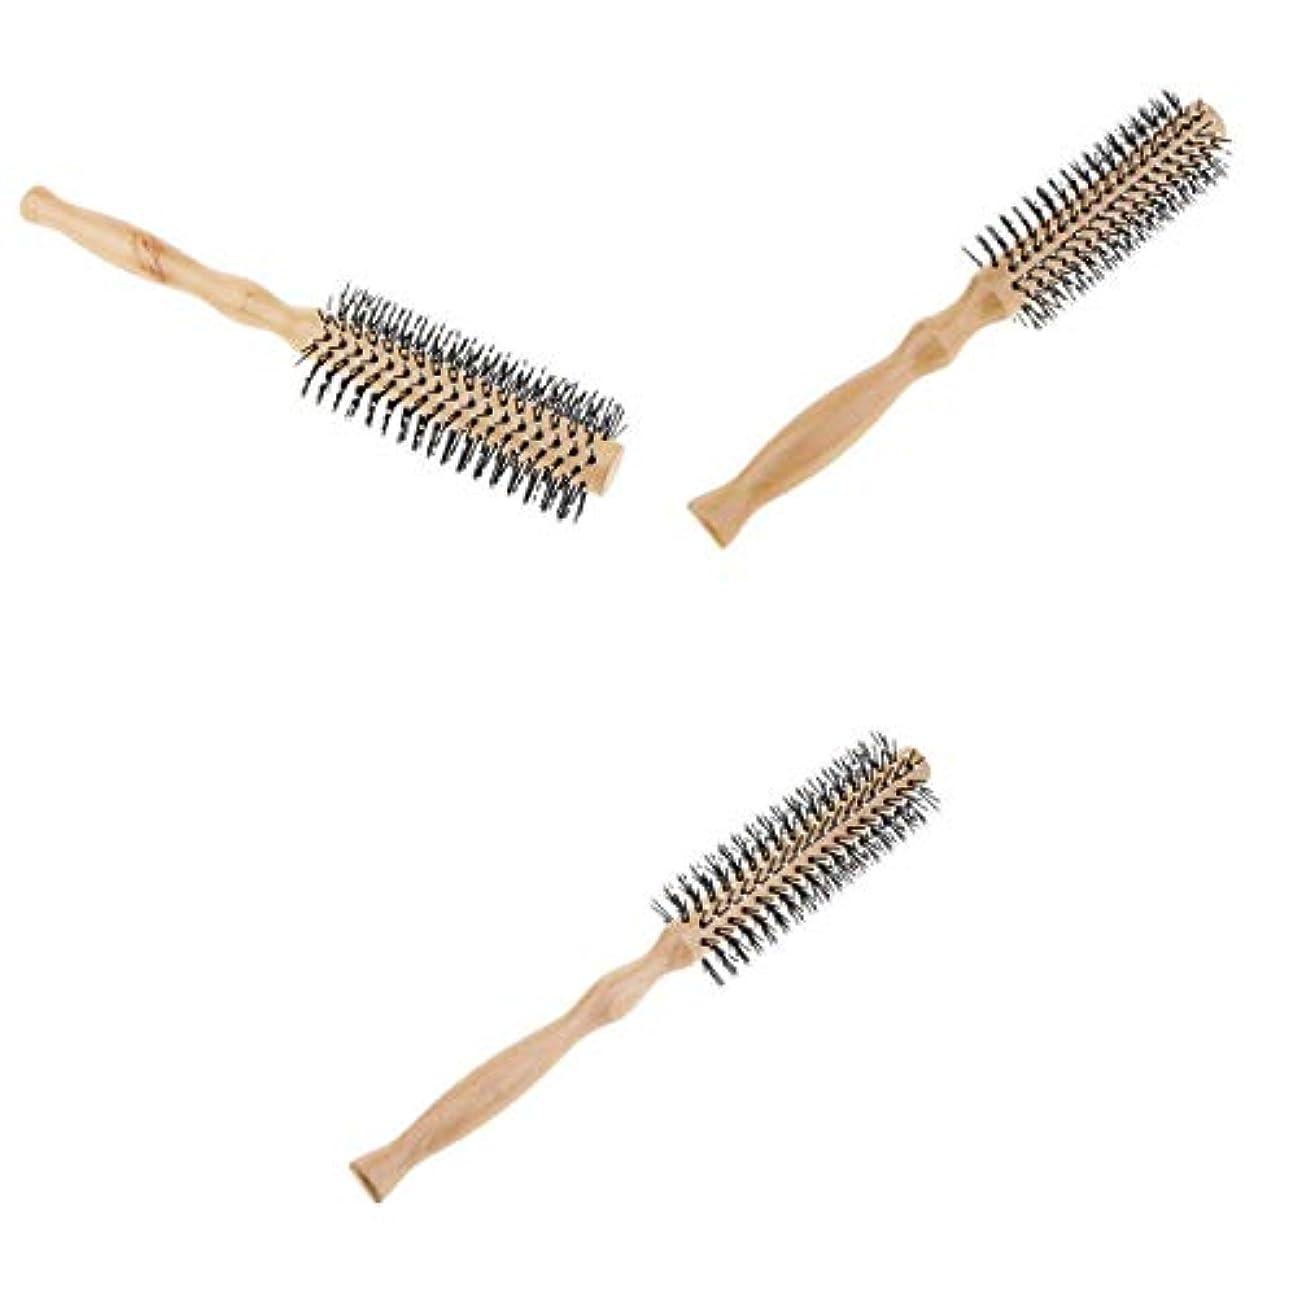 厄介な性的蒸気T TOOYFUL ロールブラシ ヘアブラシ 木製櫛 スタイリングブラシ 巻き髪 静電気防止 3本セット